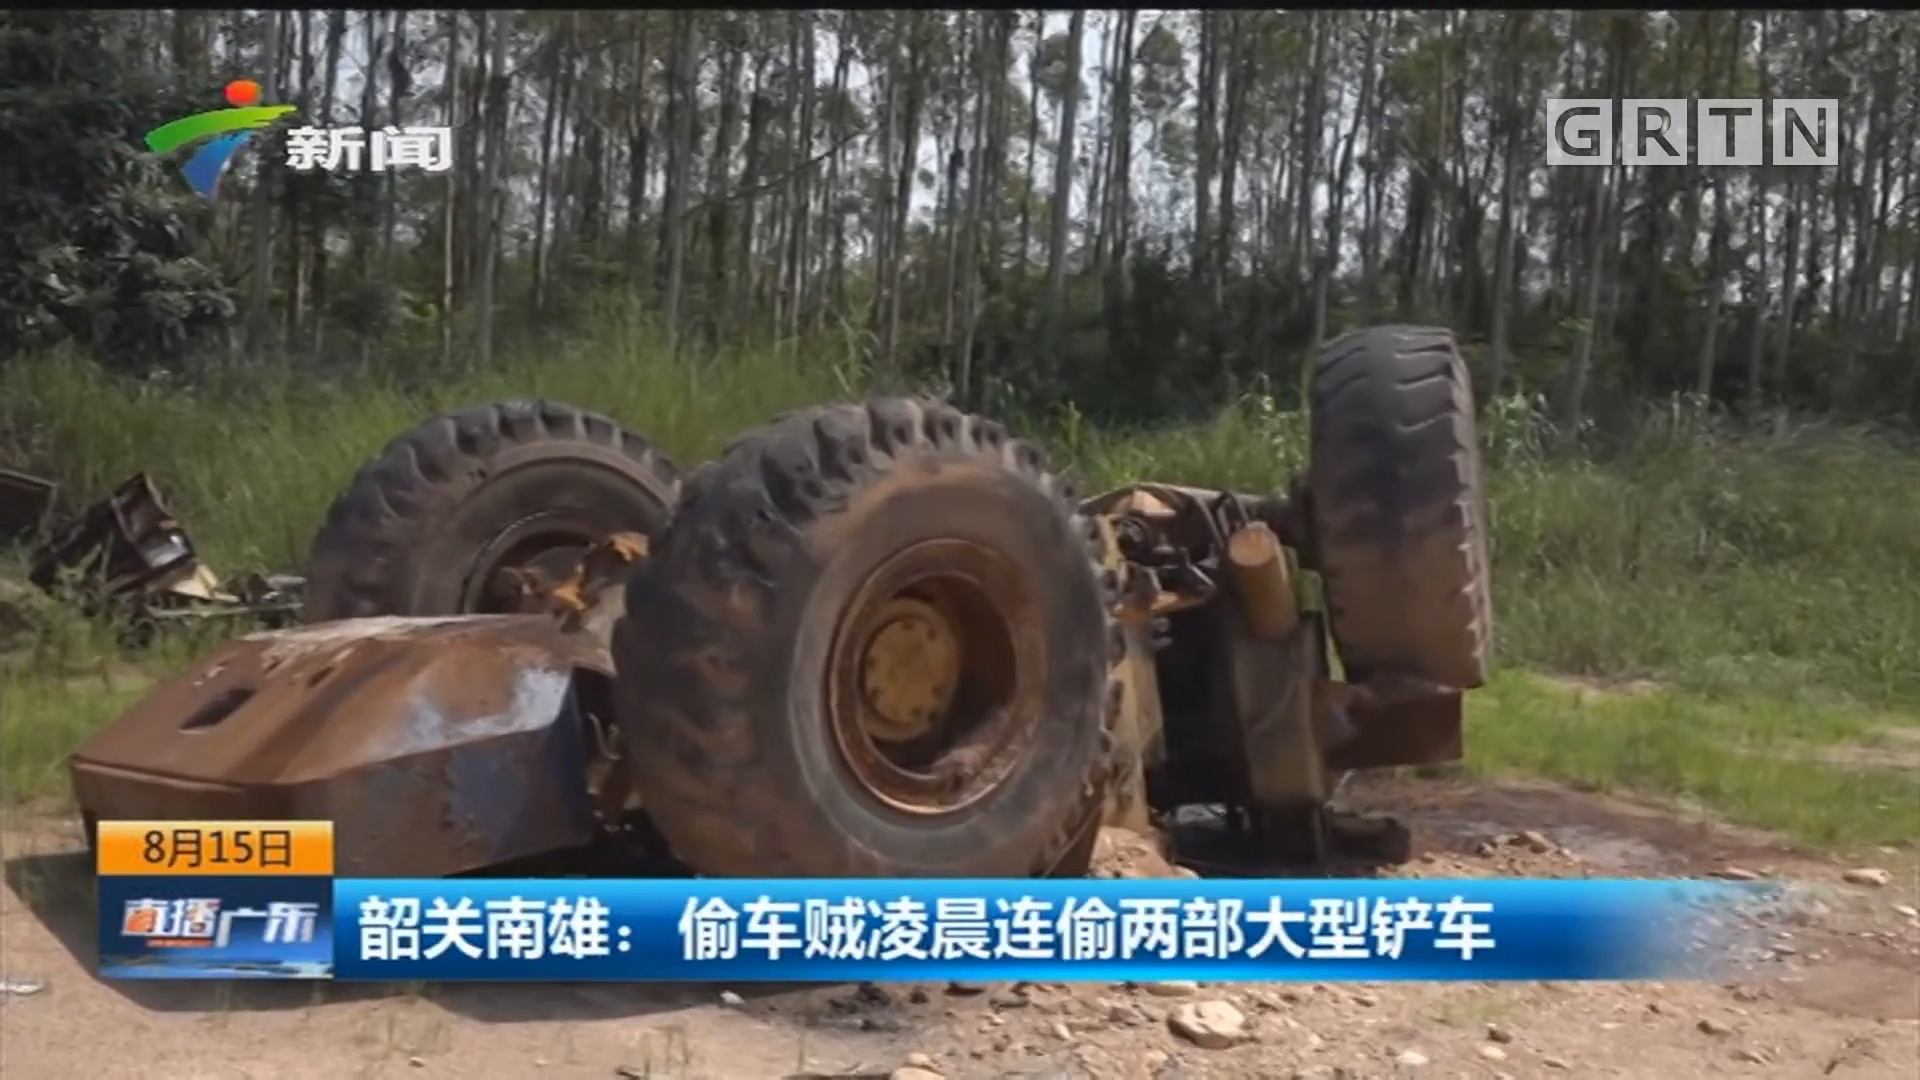 韶关南雄:偷车贼凌晨连偷两部大型铲车